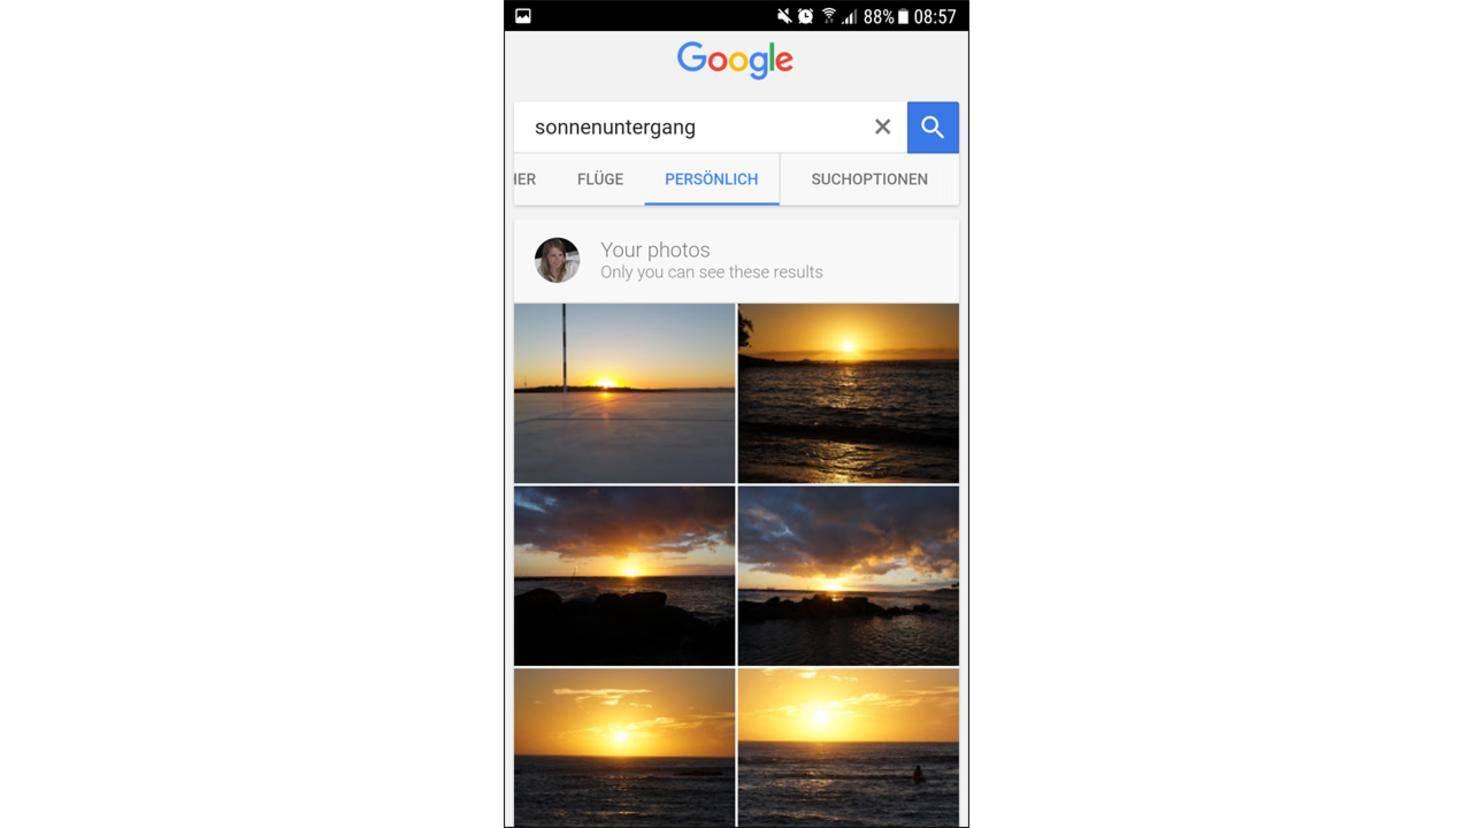 Google Suche persoenlich